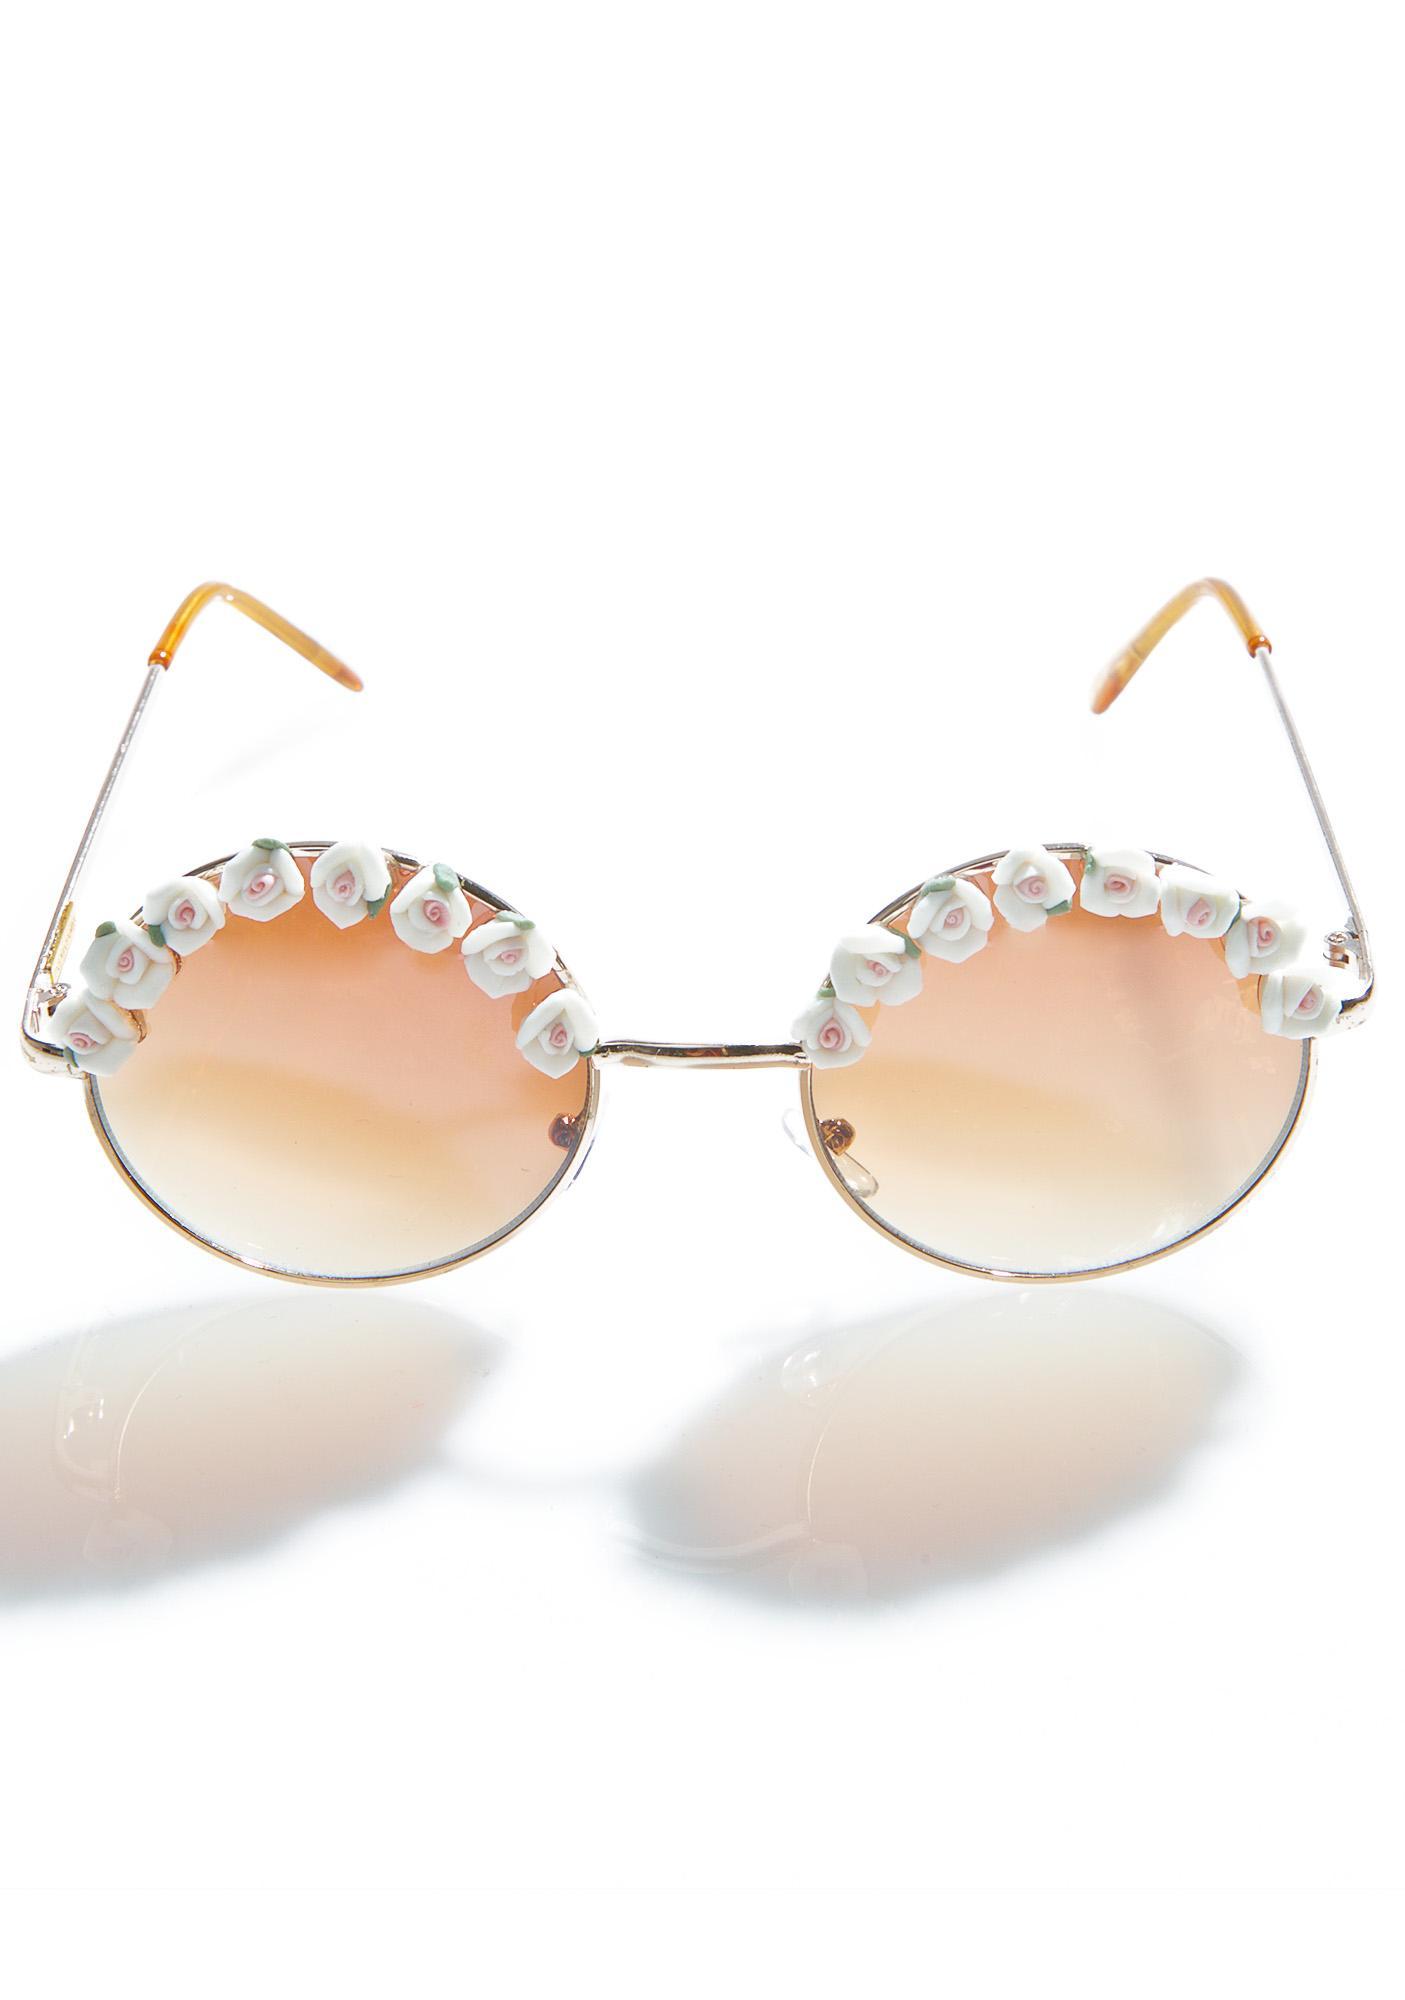 Tnemnroda Botanica Sunglasses